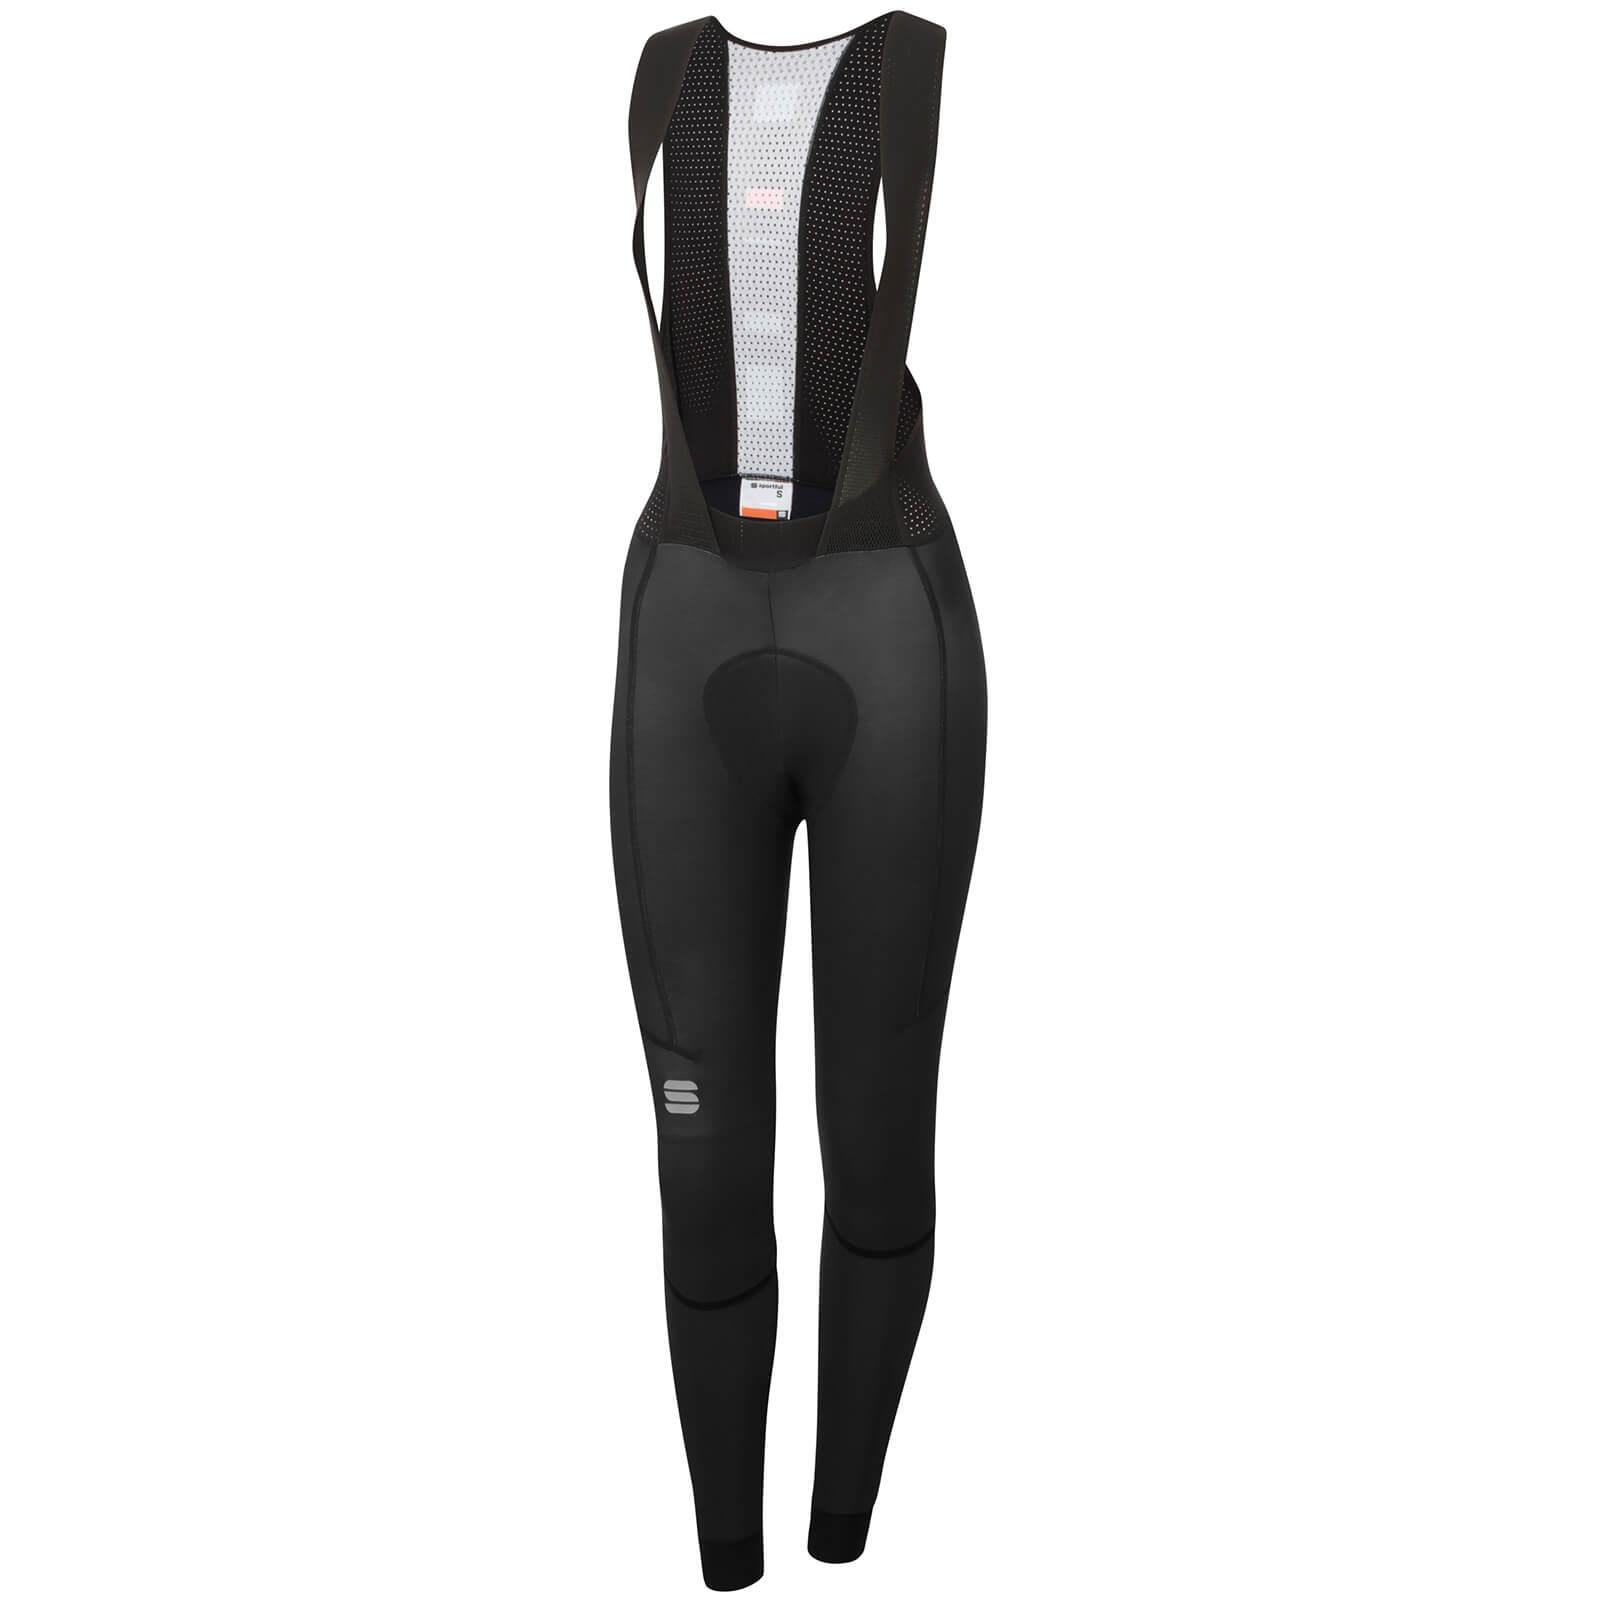 Sportful Women's Bodyfit Pro Bib Tights - XS